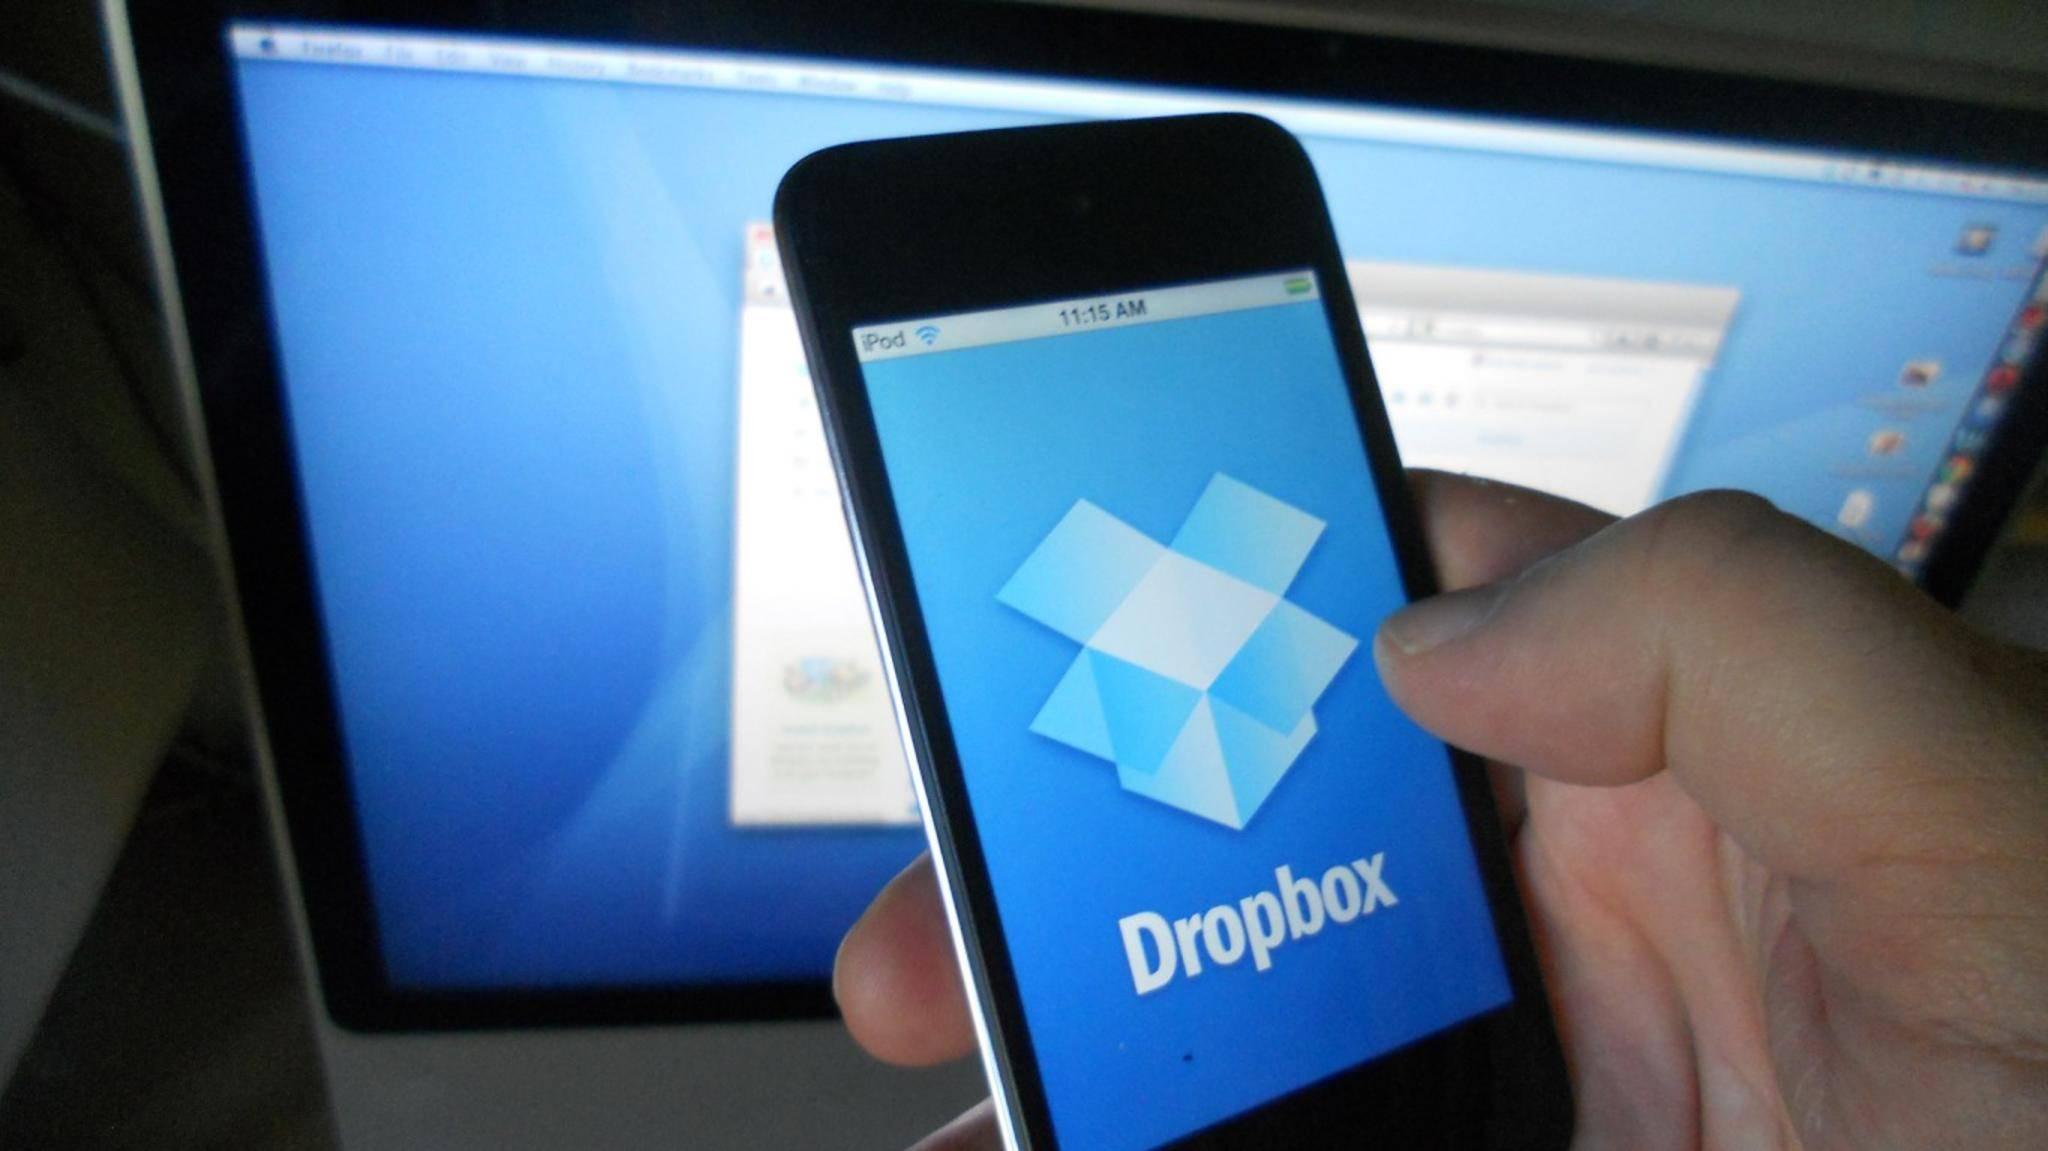 Die Dropbox-Tools bieten neue Features und erleichtern die Handhabung.